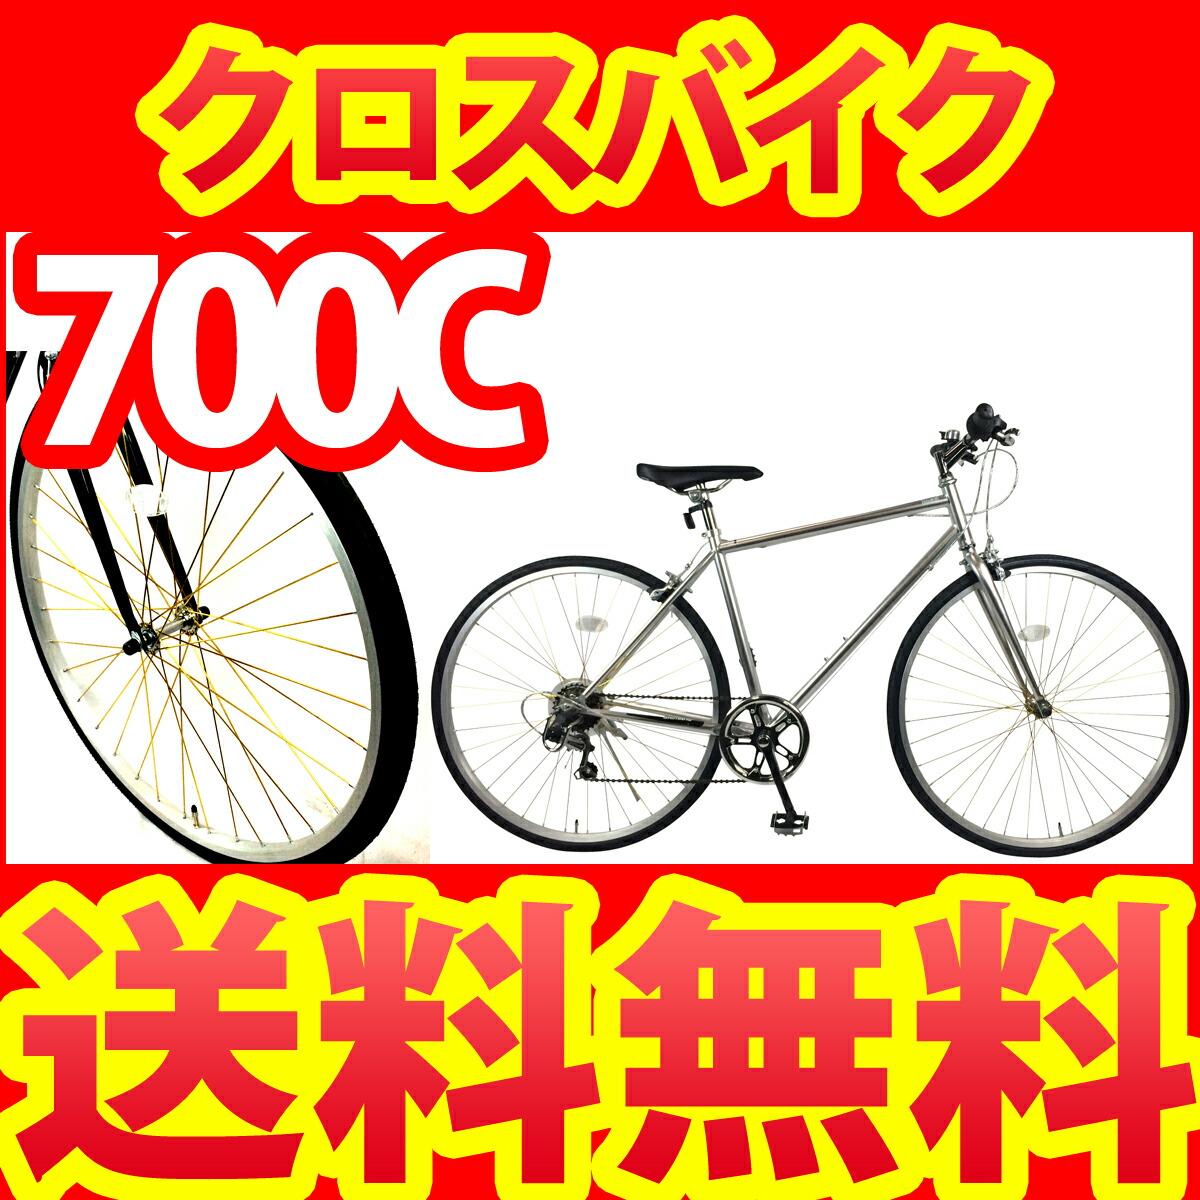 自転車 初心者におすすめのクロスバイク SUNTRUST サントラスト クロスバイク シルバー700c クロスバイク ゴールドスポーク シマノ外装6段ギア ゴールドスポークが印象に残る700cクロスバイク 自転車